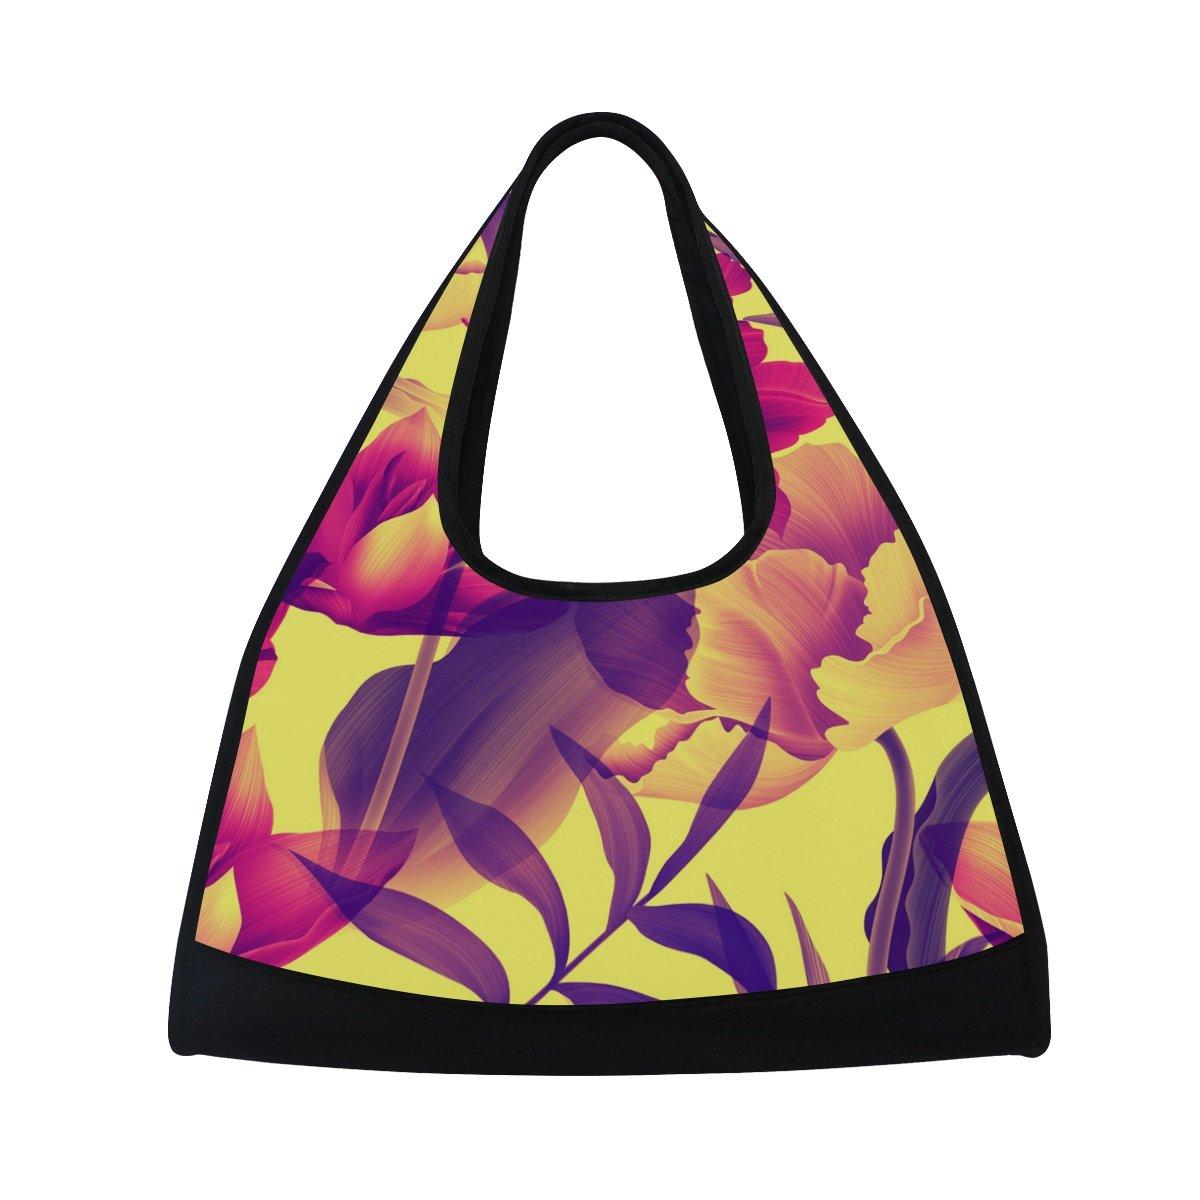 Gym Bag Sports Holdall Tropical Flower Leaf Canvas Shoulder Bag Overnight Travel Bag for Men and Women